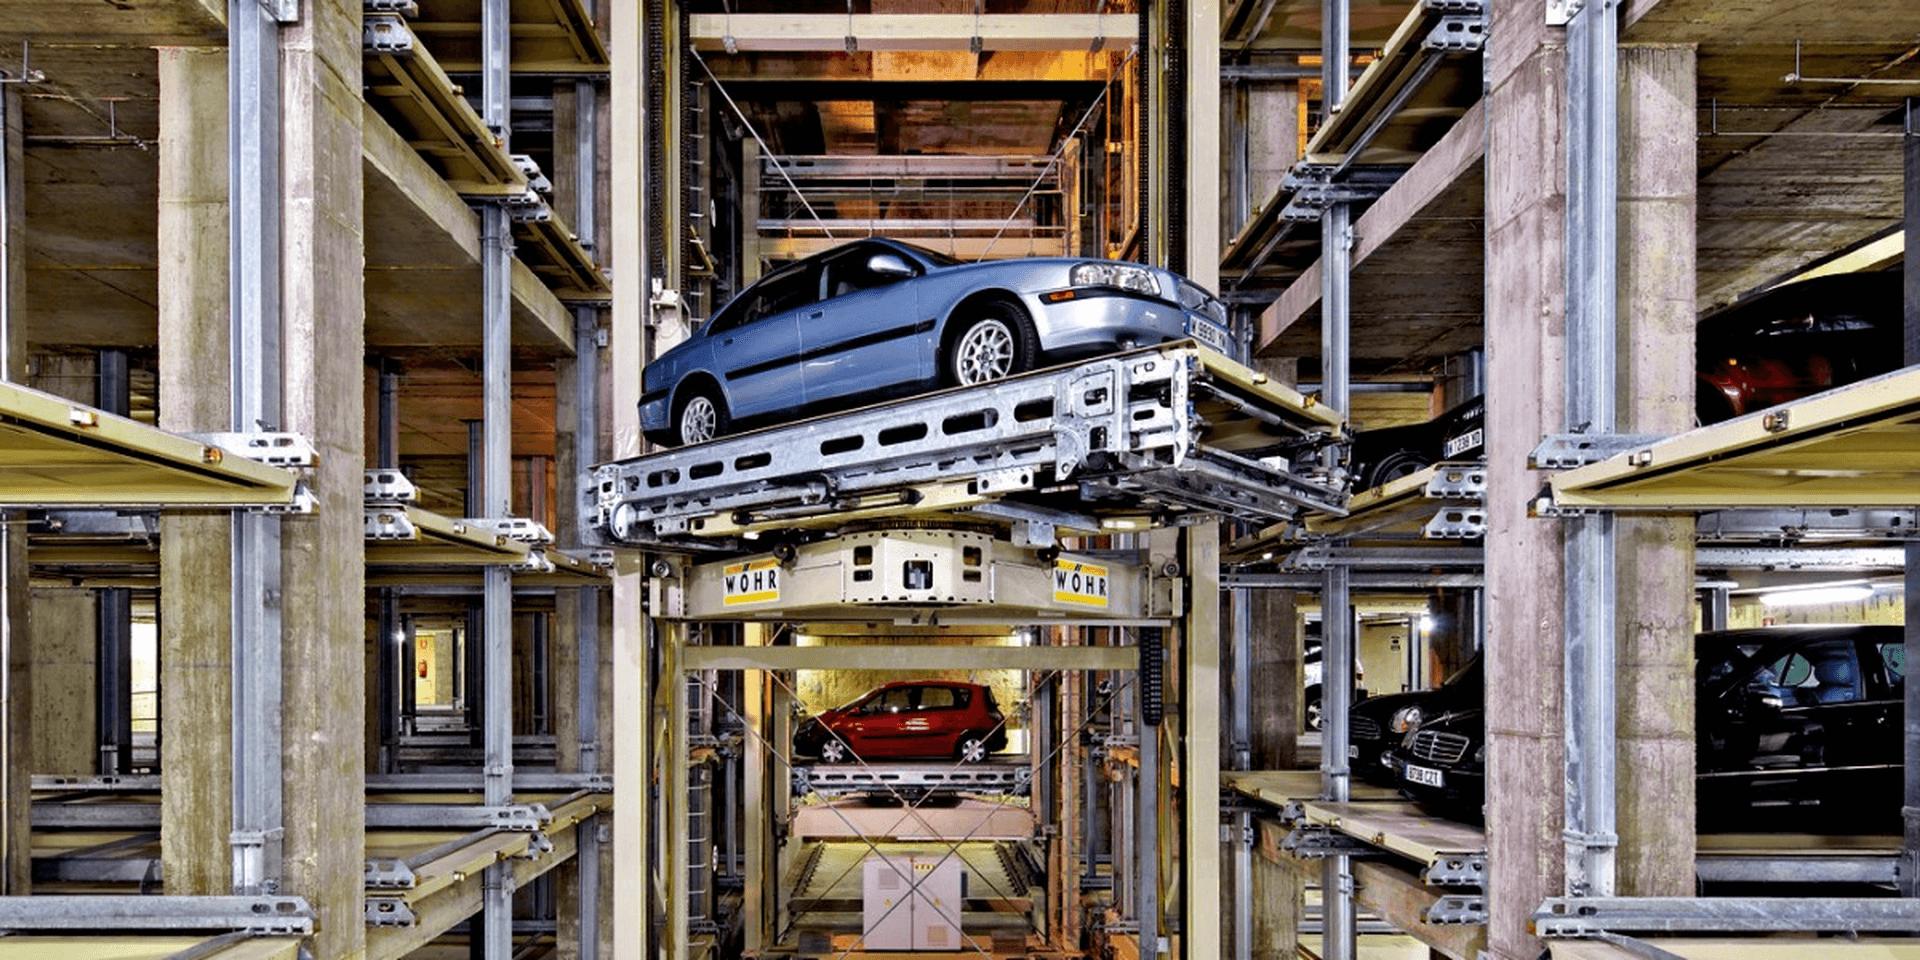 Multiparker 710 - Sistema di parcheggio auto automatizzato